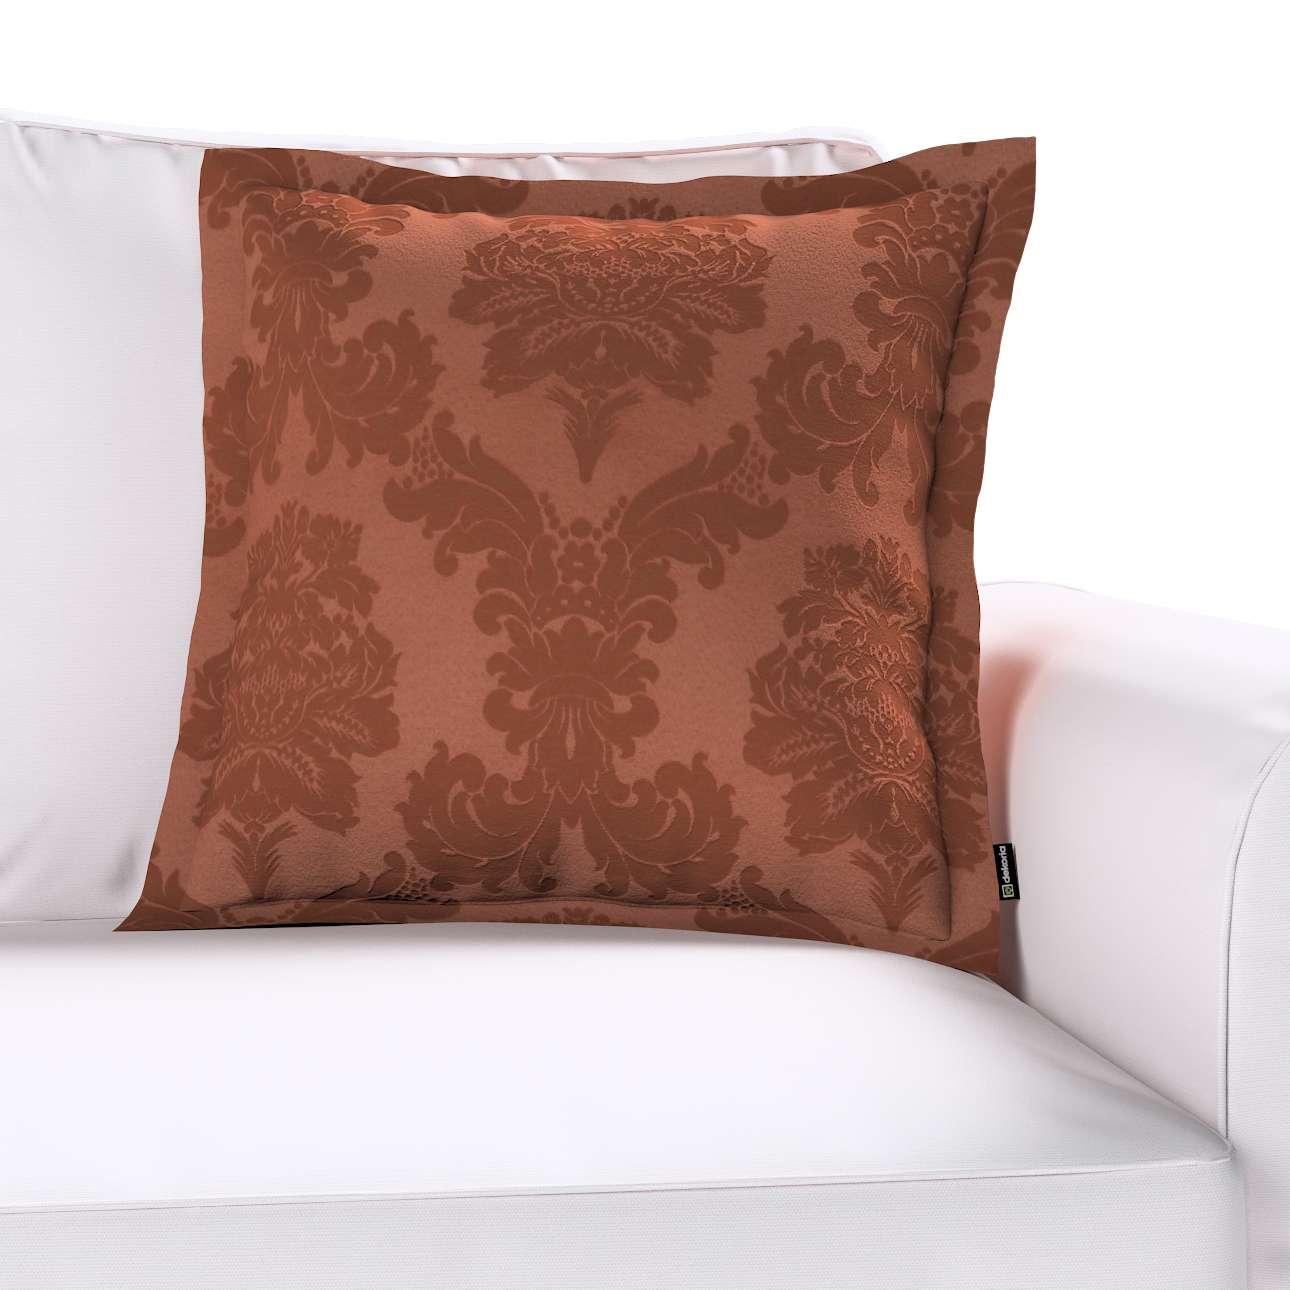 Poszewka Mona na poduszkę w kolekcji Damasco, tkanina: 613-88